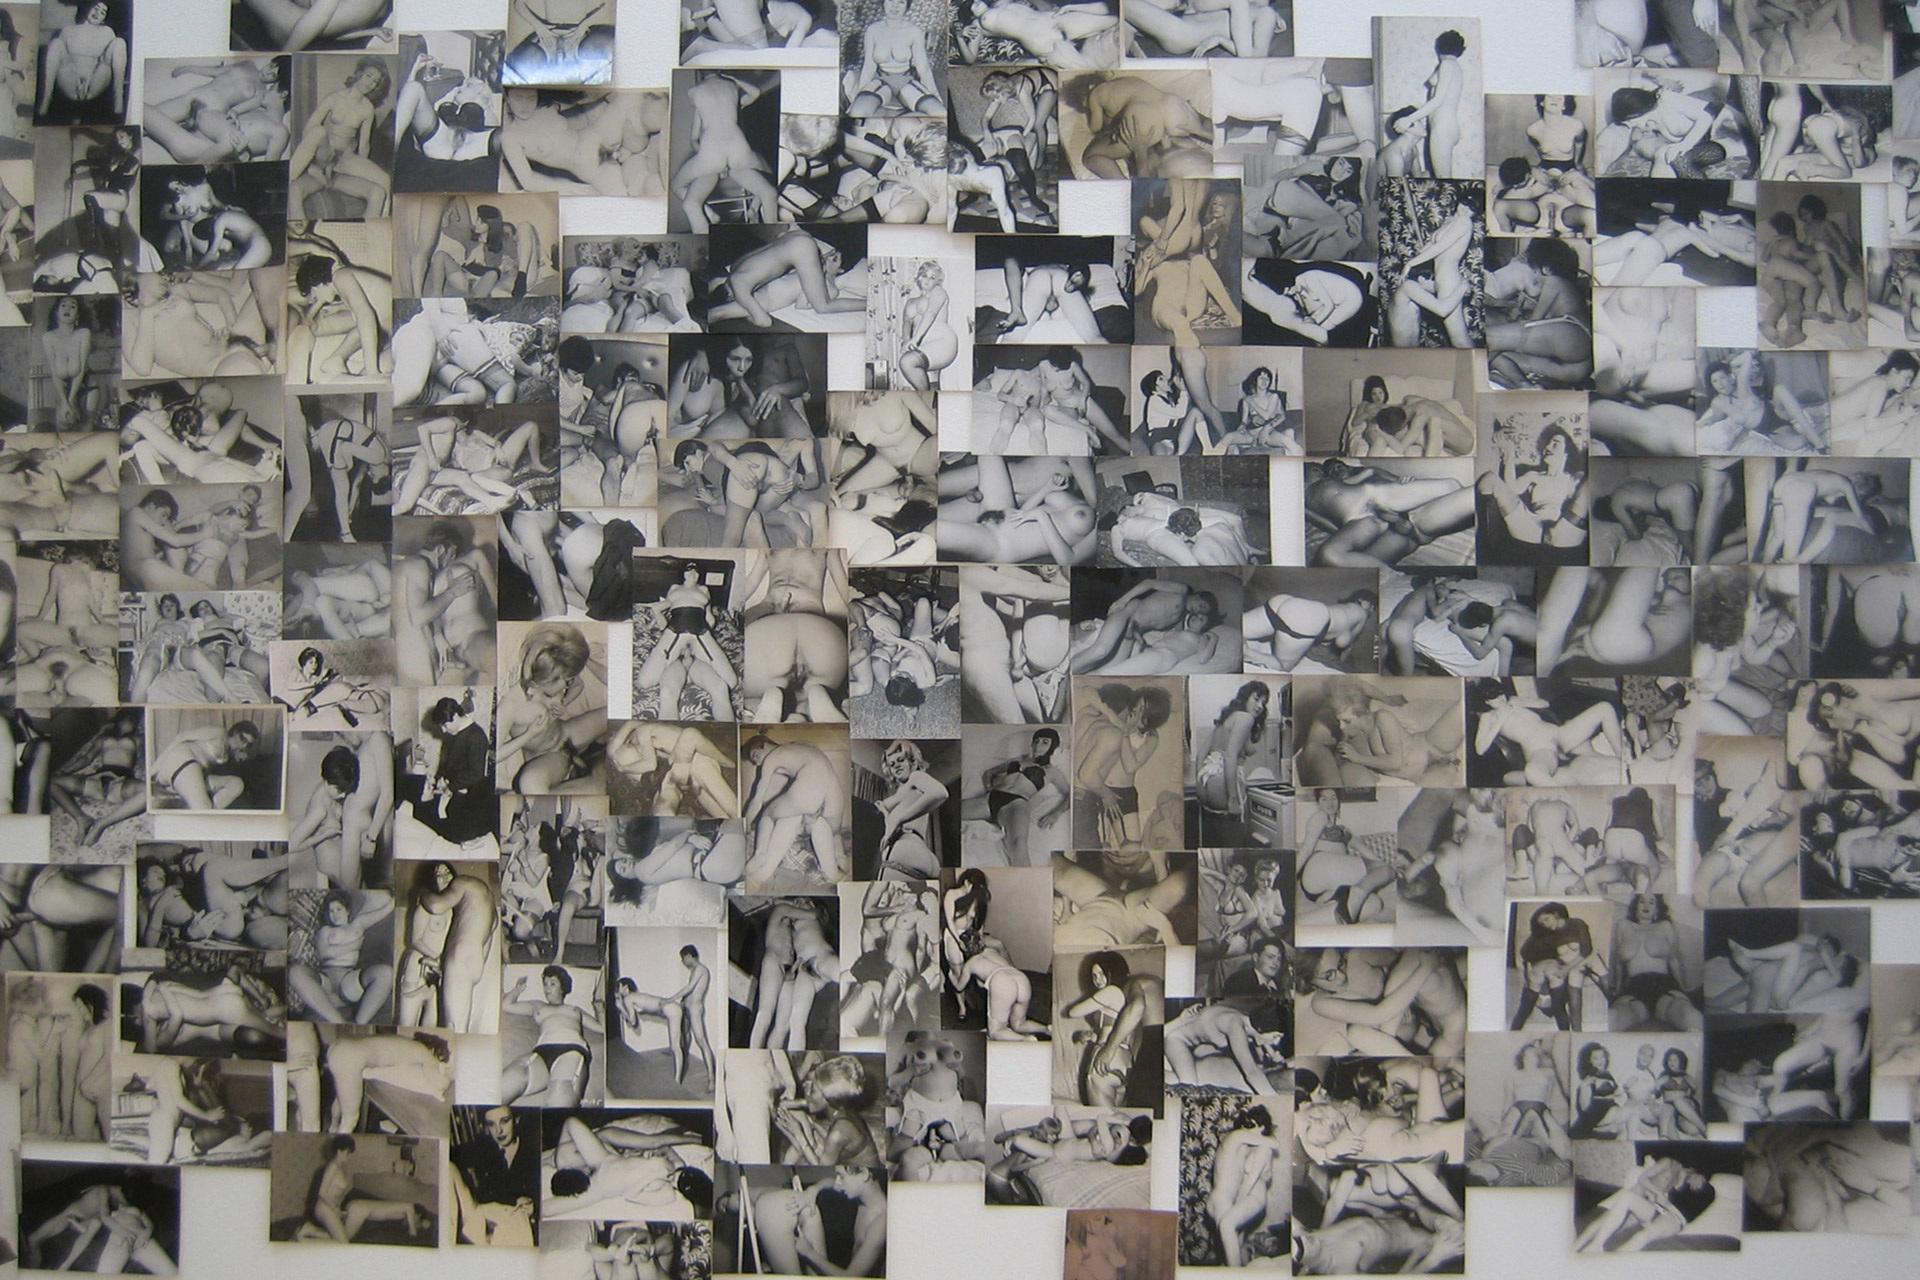 Begehren-Eroberung-Kunsthalle-Winterthur-2008-4.jpg